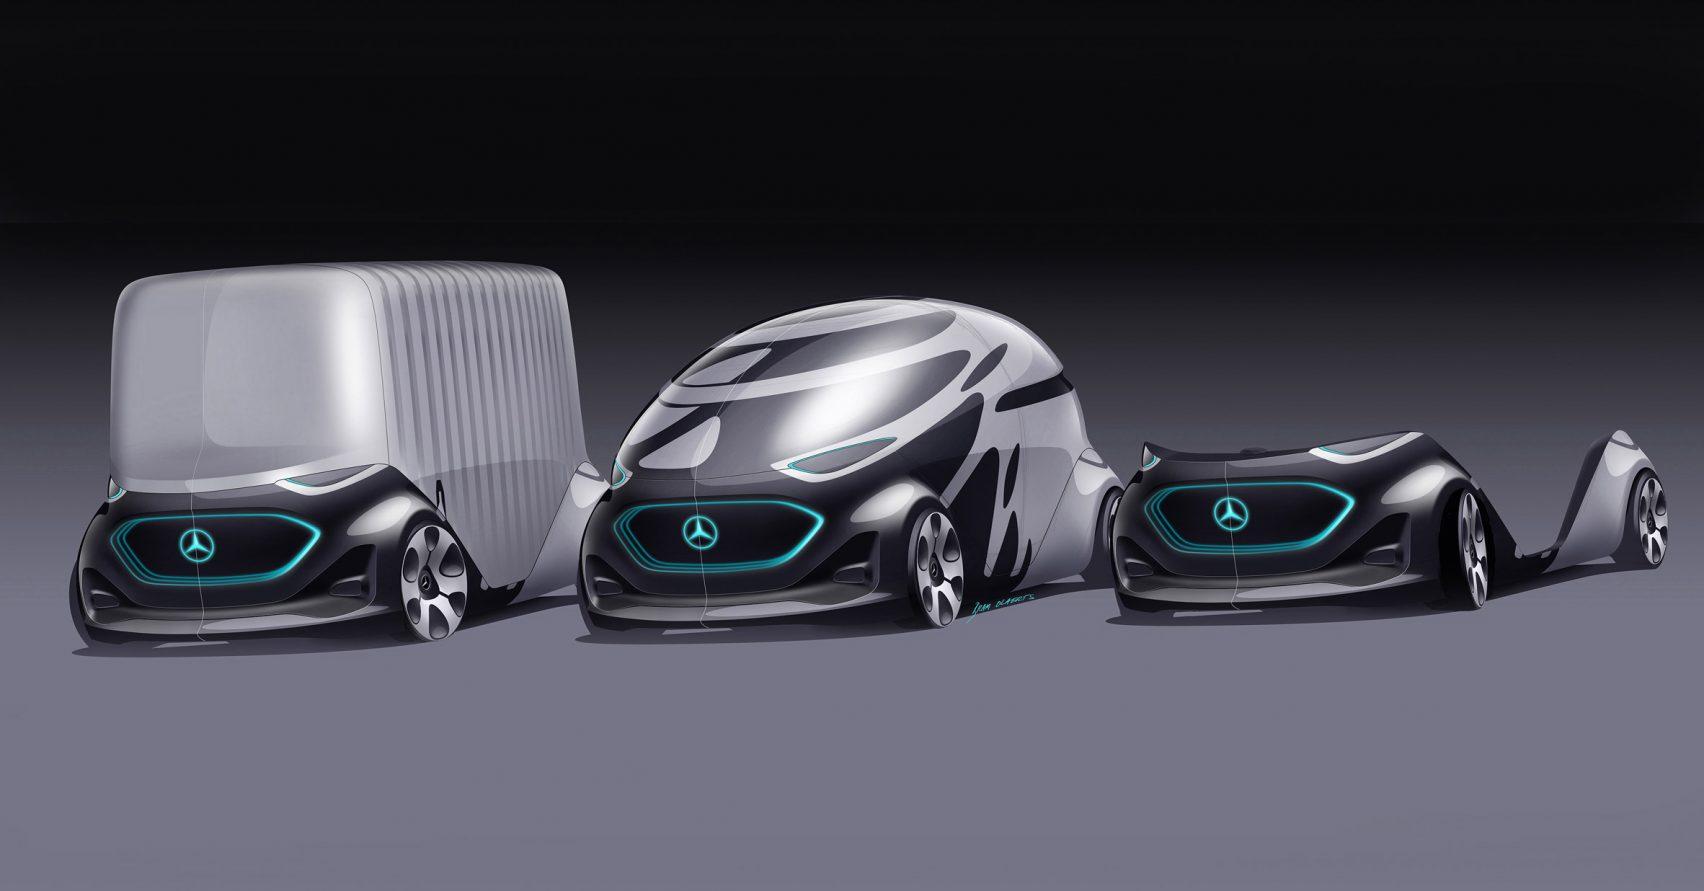 Dönüşebilen sürdürülebilir Otomobil